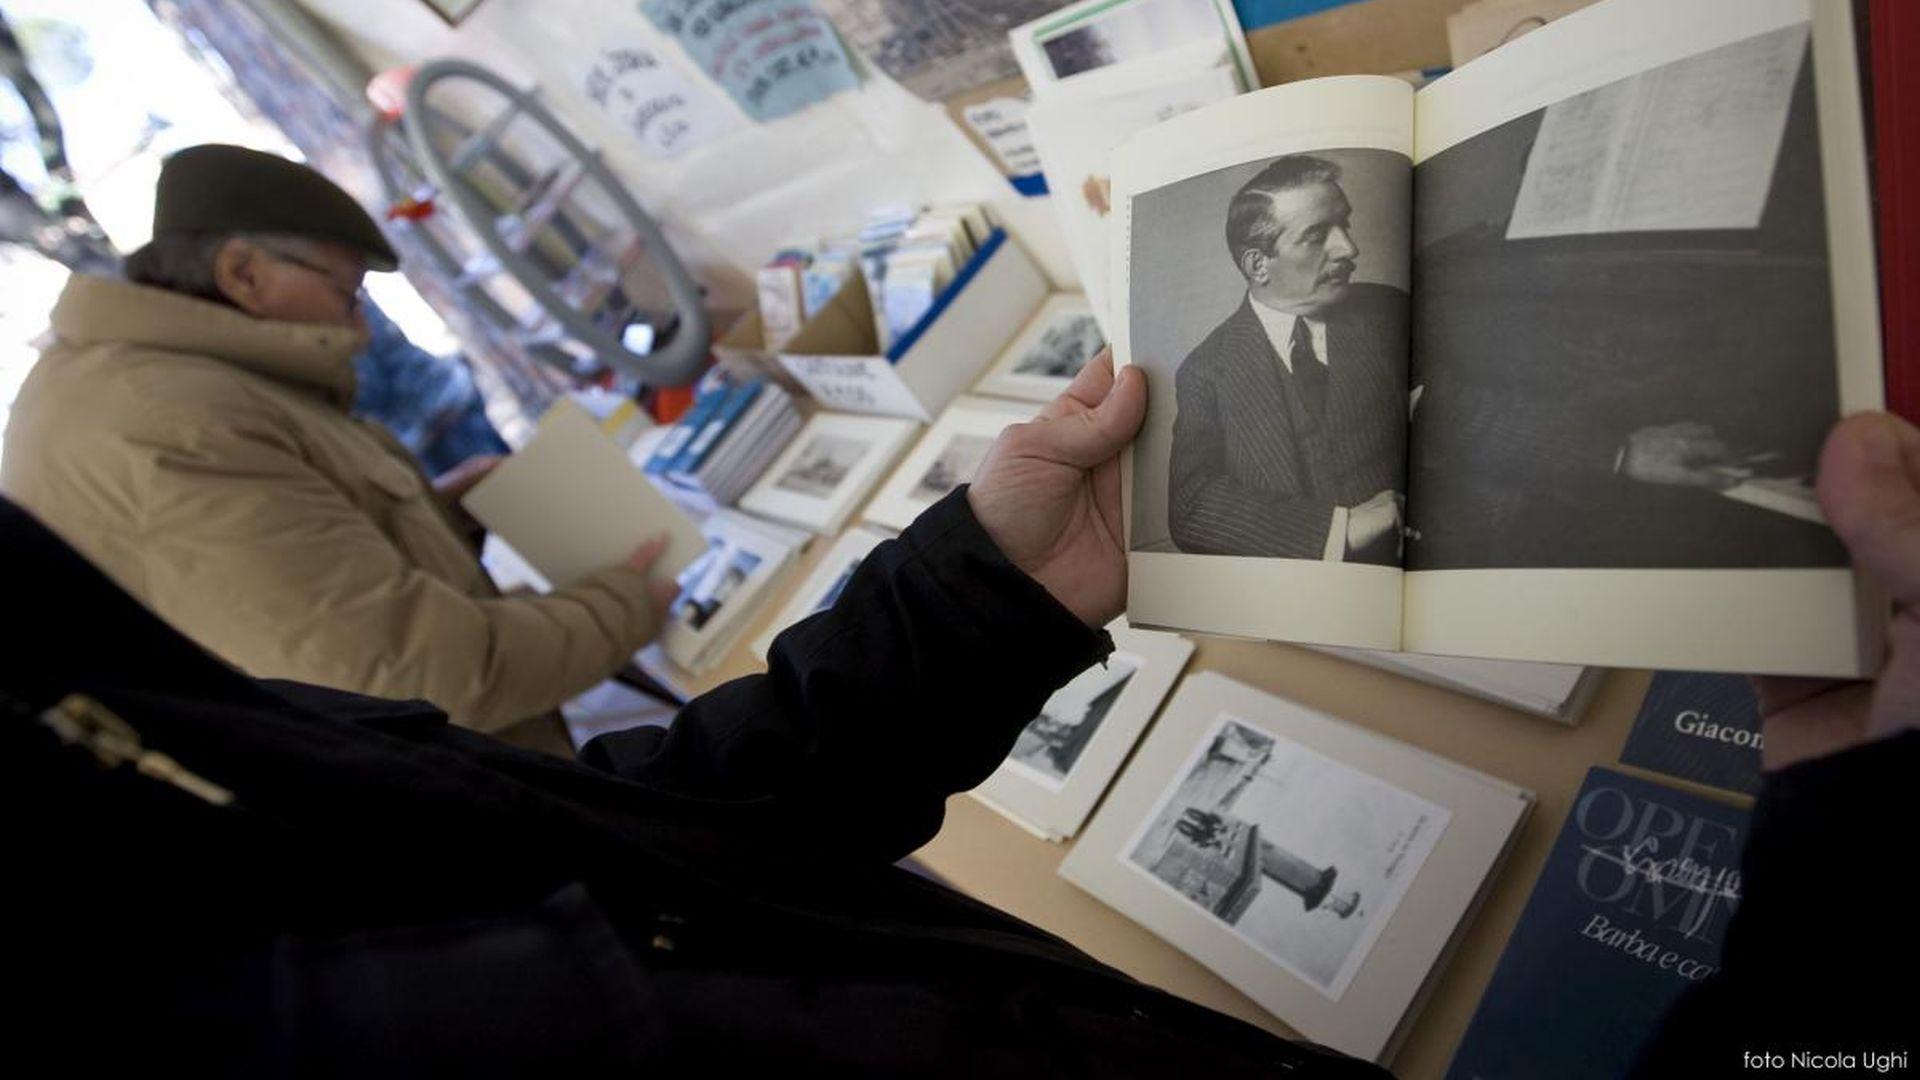 un uomo legge un libro su puccini